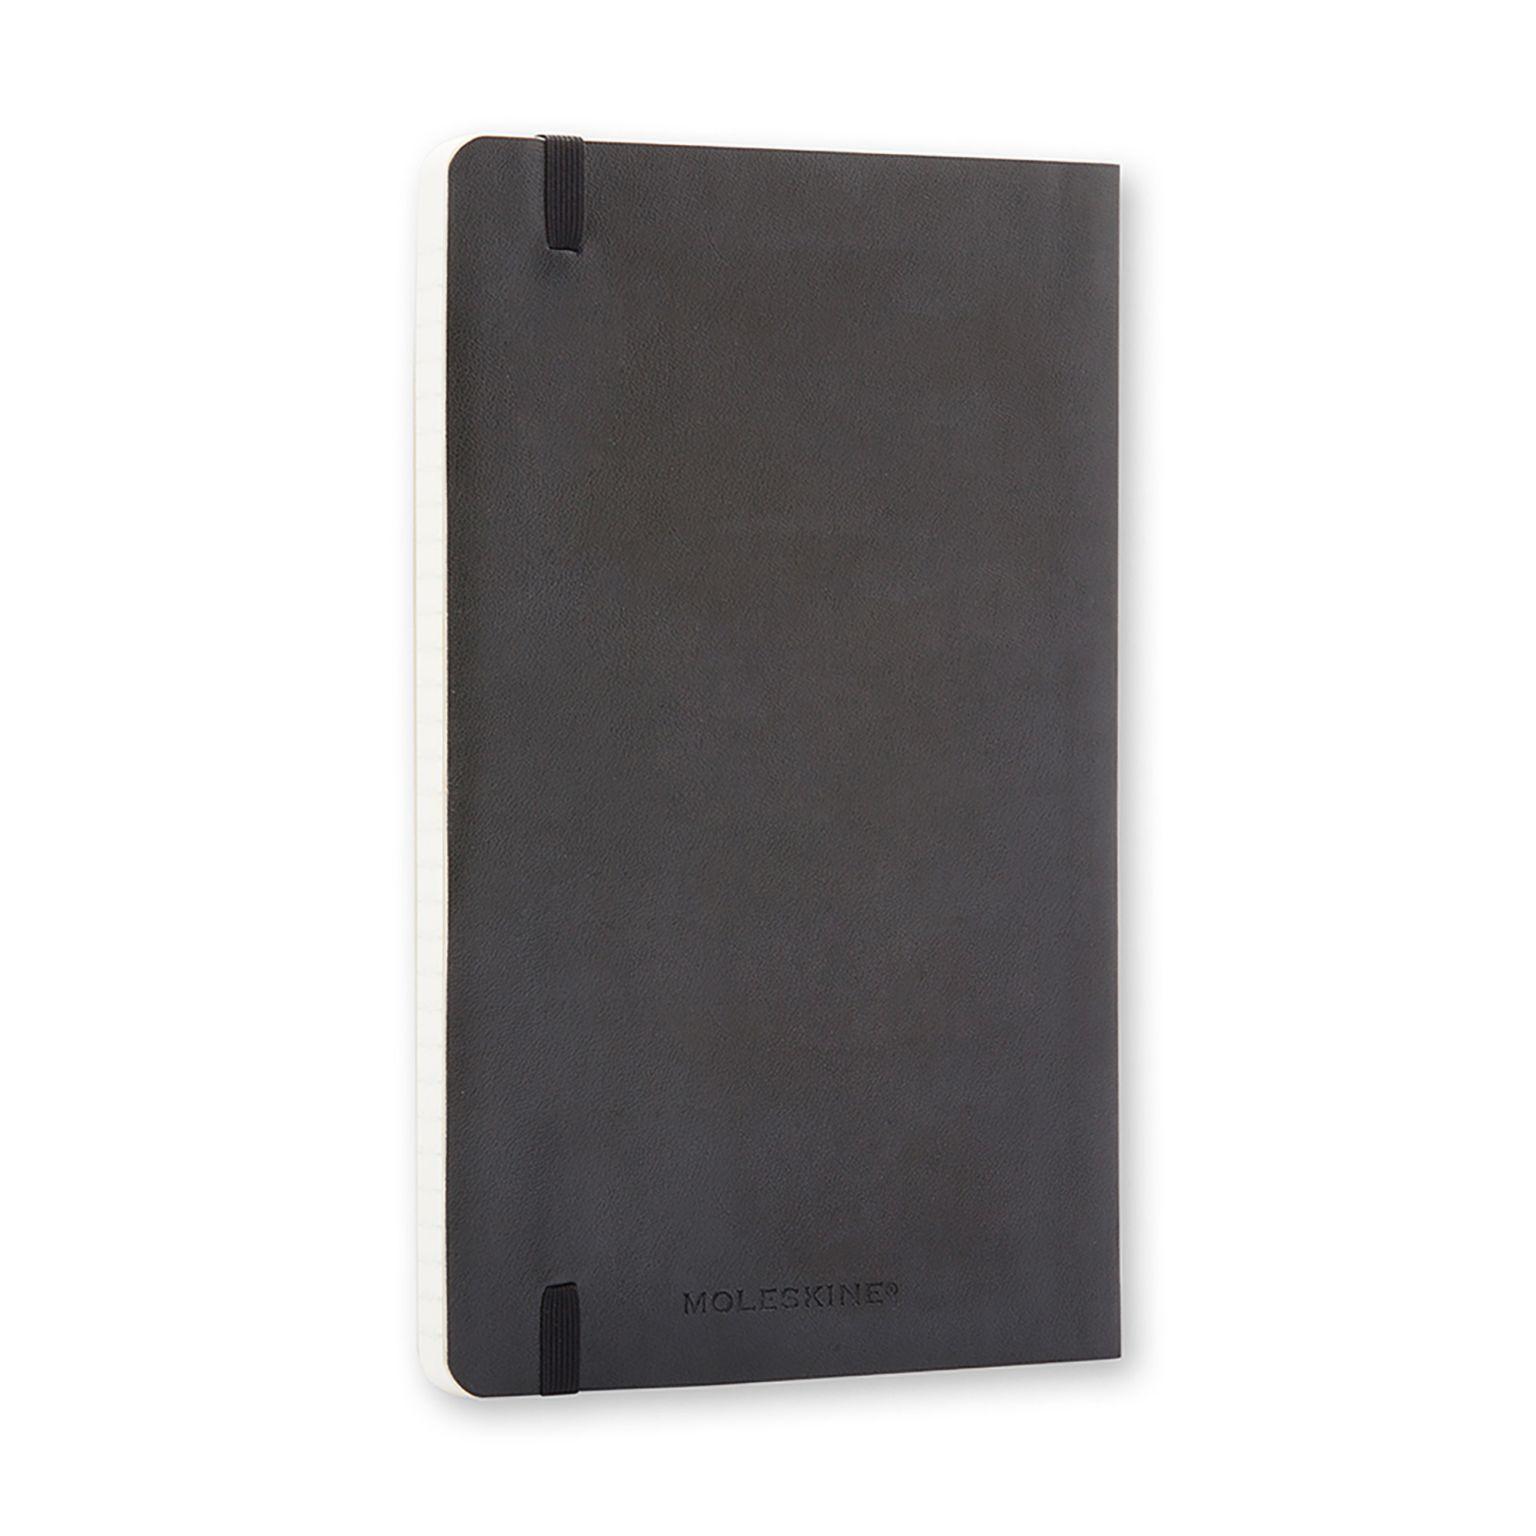 MOLESKINE® | Carnet de poche avec couverture souple et papier à rayures